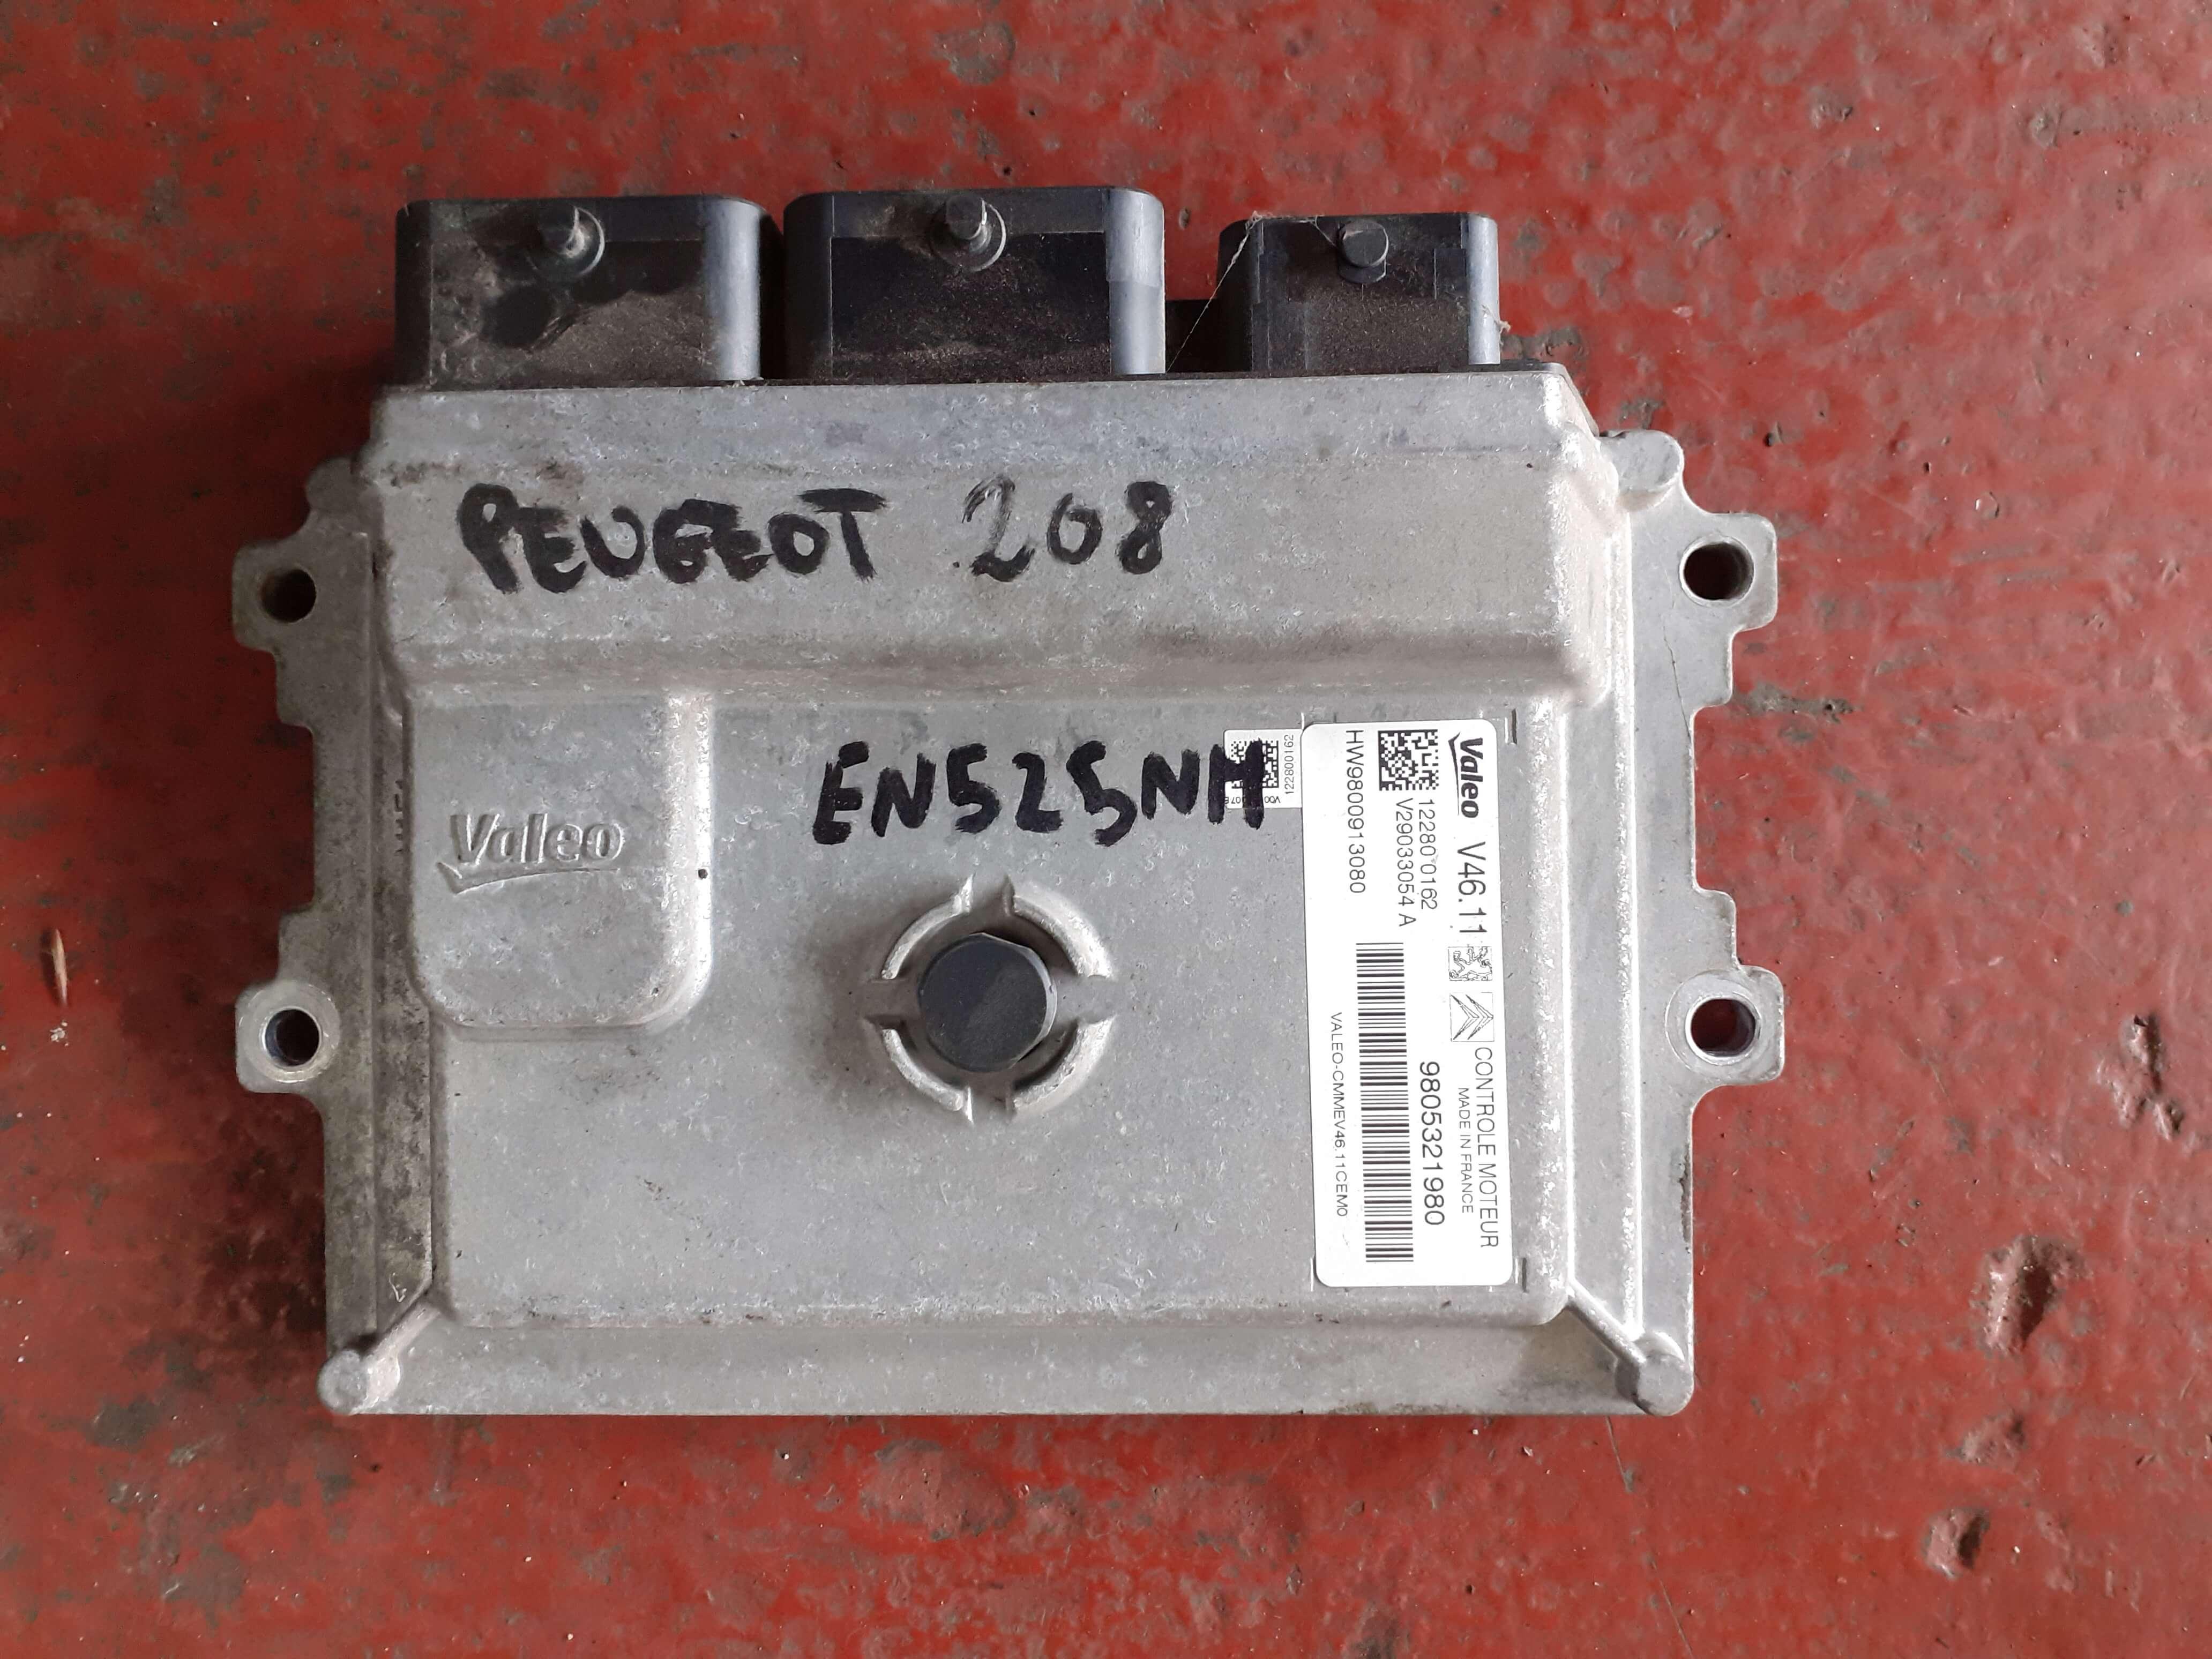 Centr. iniez. usata P. 208 cod. 9805321980